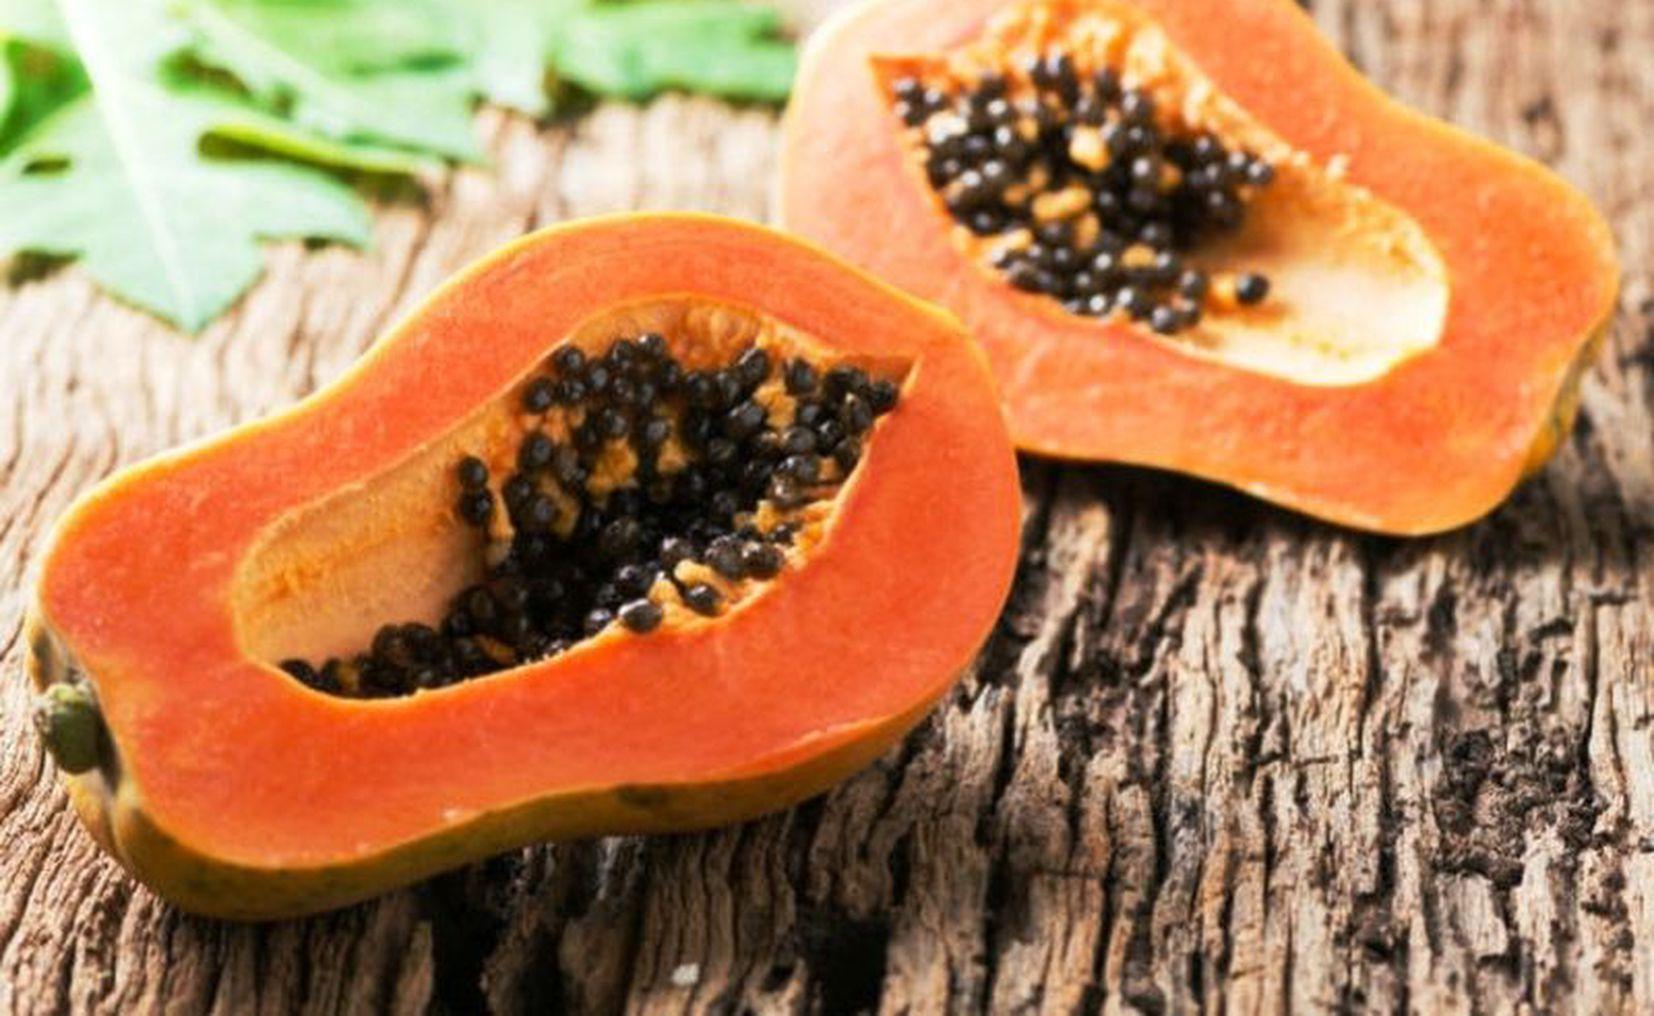 la papaya ayuda bajar de peso